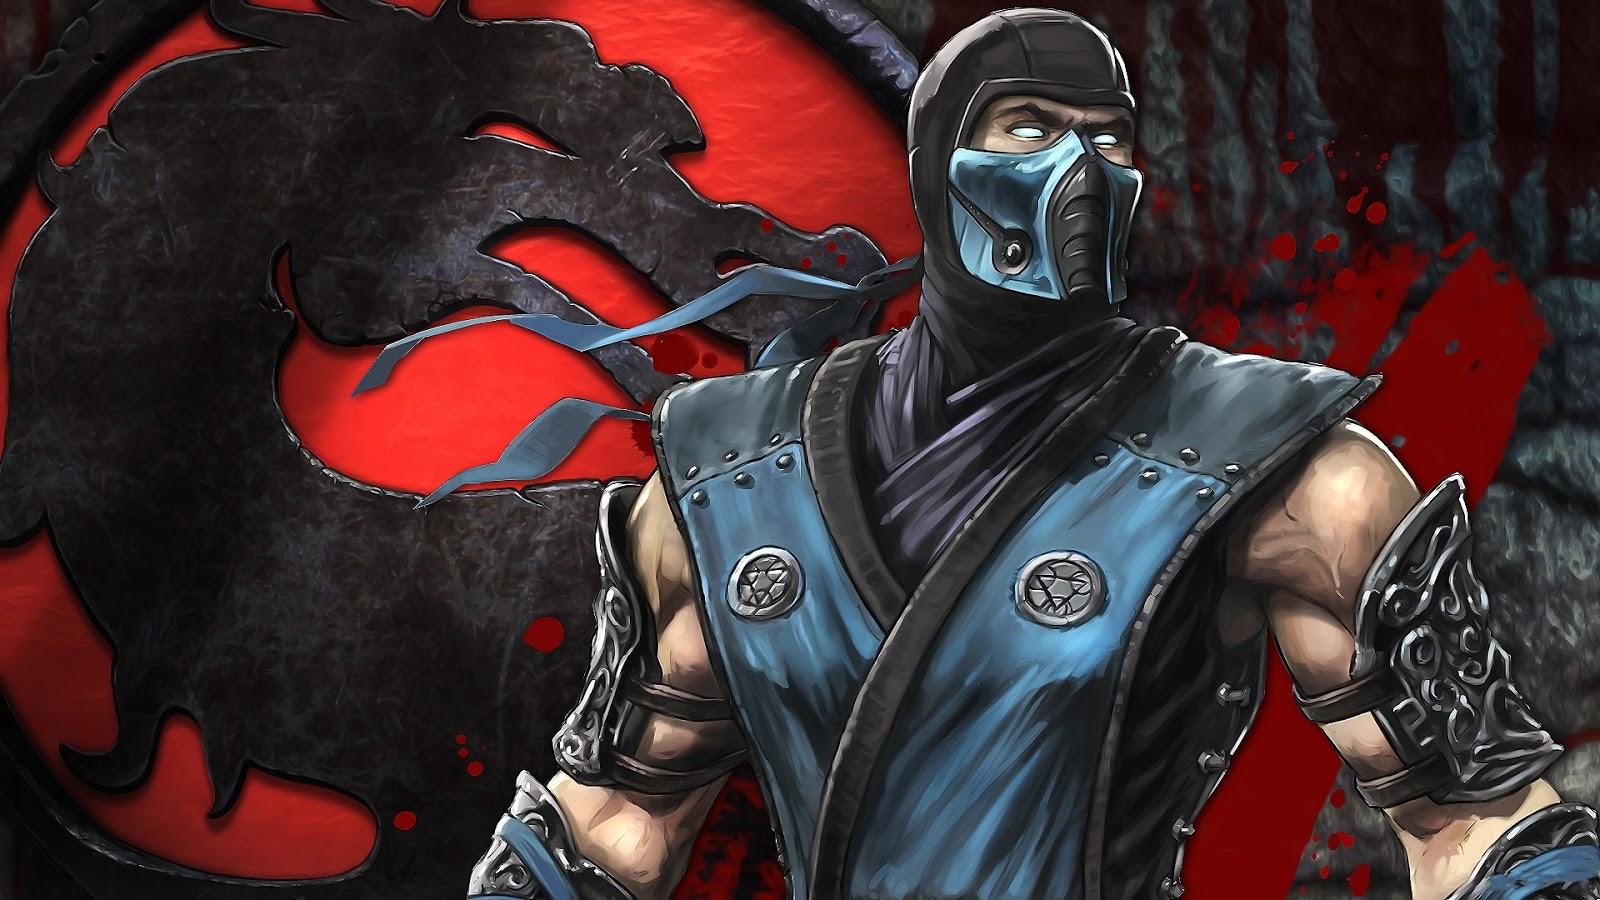 http://3.bp.blogspot.com/-j-uU-2poYjg/Tpg0P55apYI/AAAAAAAADdM/C-97Mi4Ap3E/s1600/Sub_Zero_Mortal_Combat_HD_Wallpaper.jpg